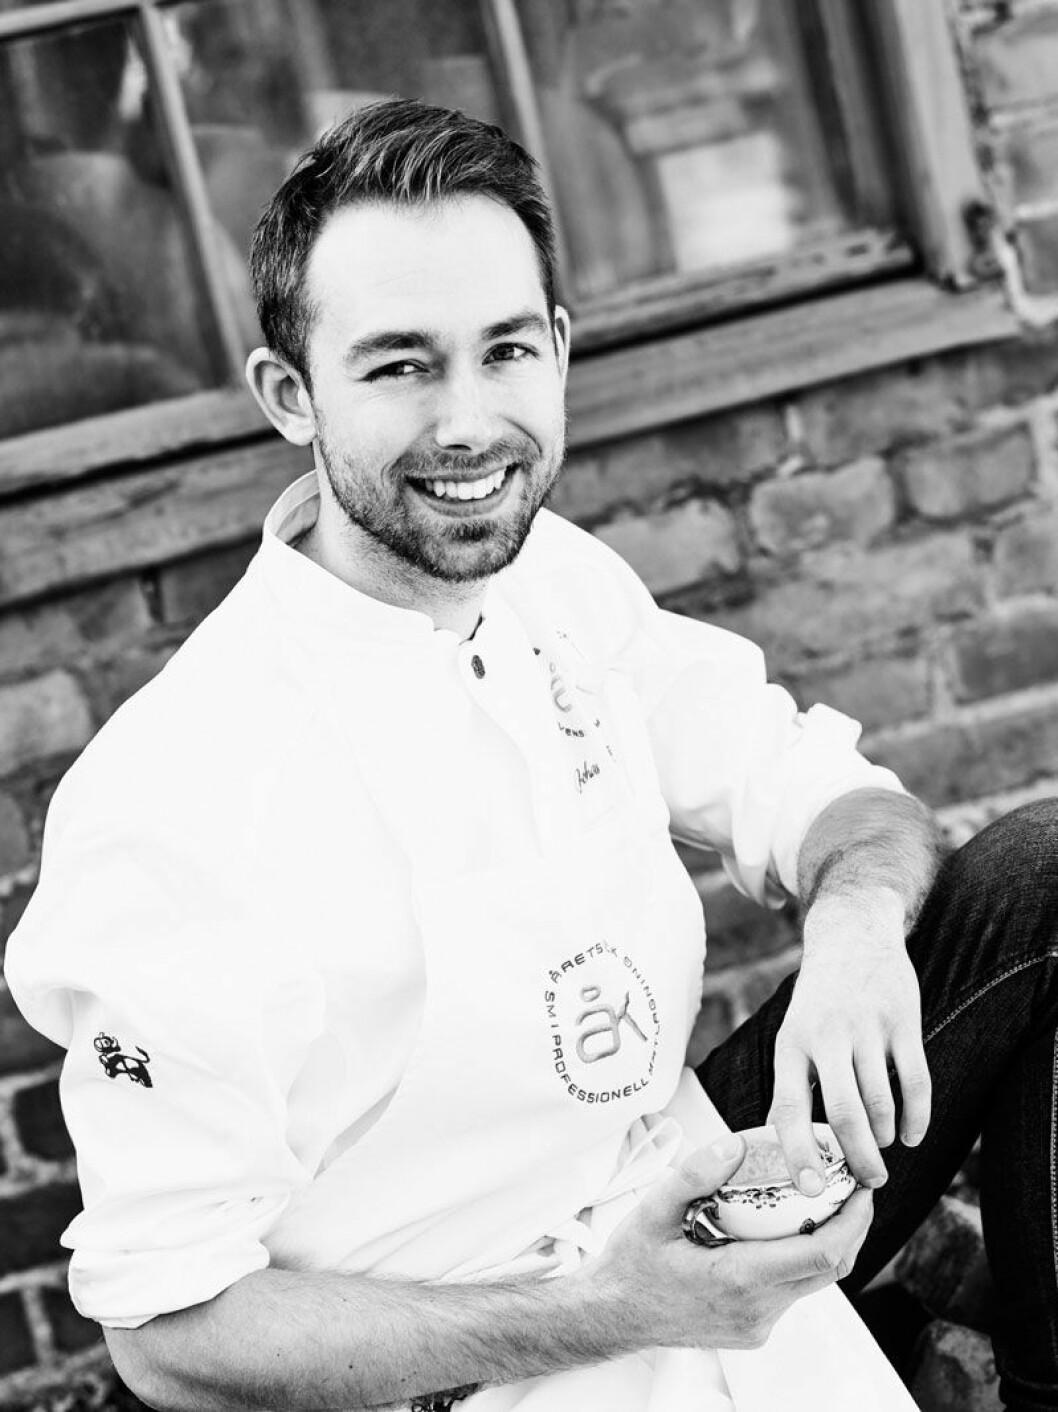 Årets kock från 2017, Johan Backeus lagar mat under Love November på Strandvägen 1.